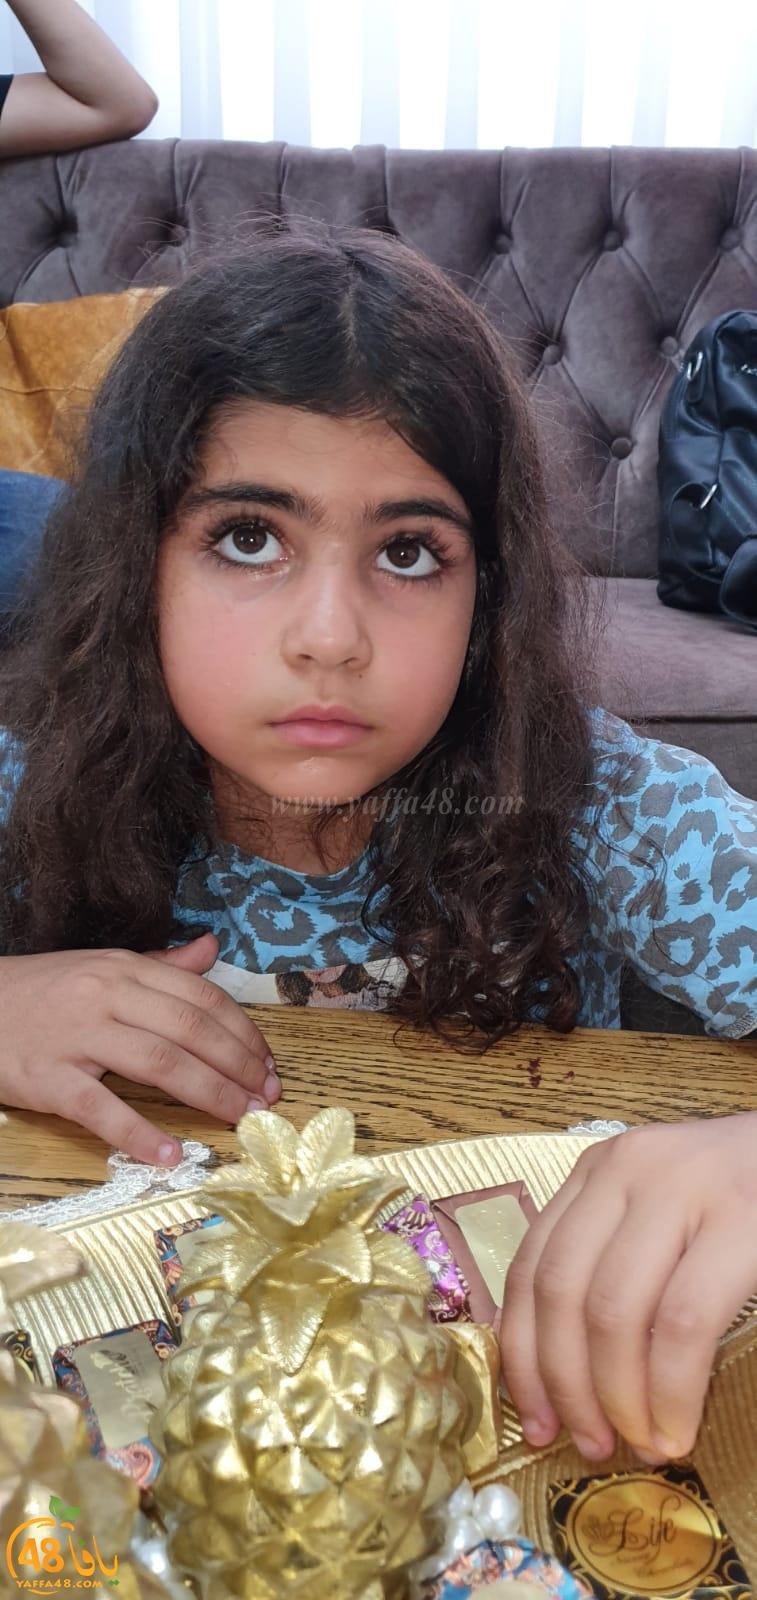 فيديو: لا تتركوا الطفلة رهف العبرة من الرملة بلا رعاية تعليمية لوحدها بسبب السرطان